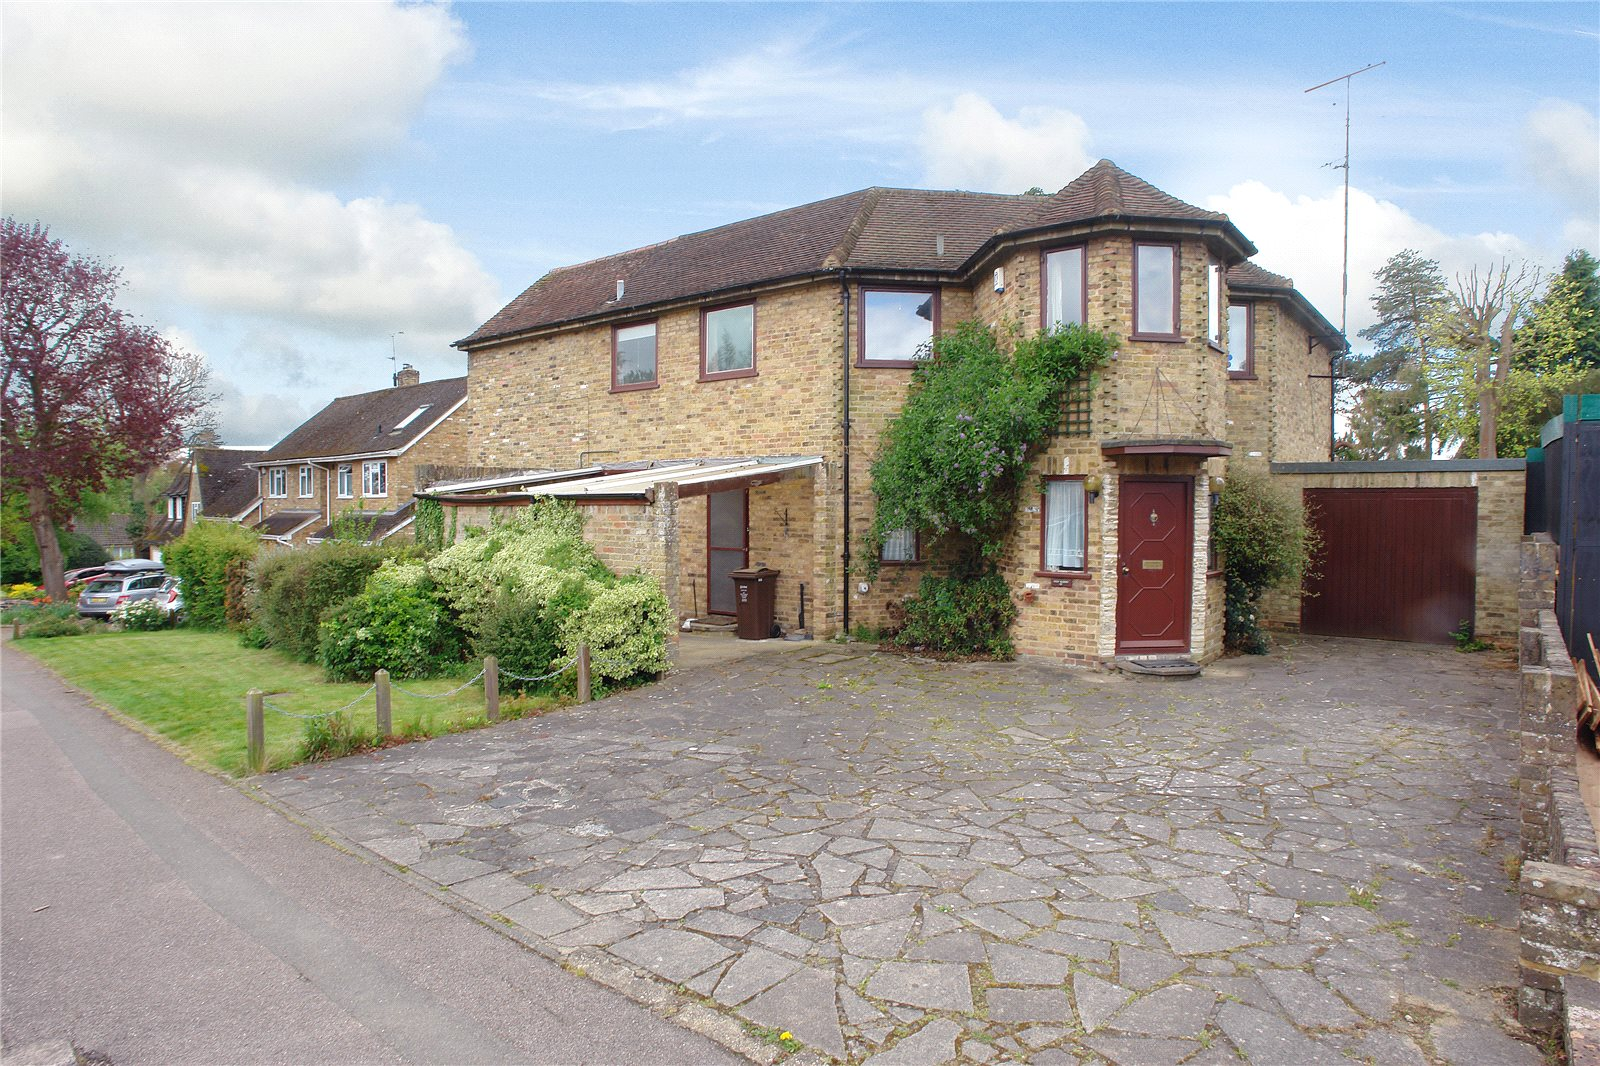 Einfamilienhaus für Verkauf beim Alders End Lane, Harpenden, Hertfordshire, AL5 Harpenden, England